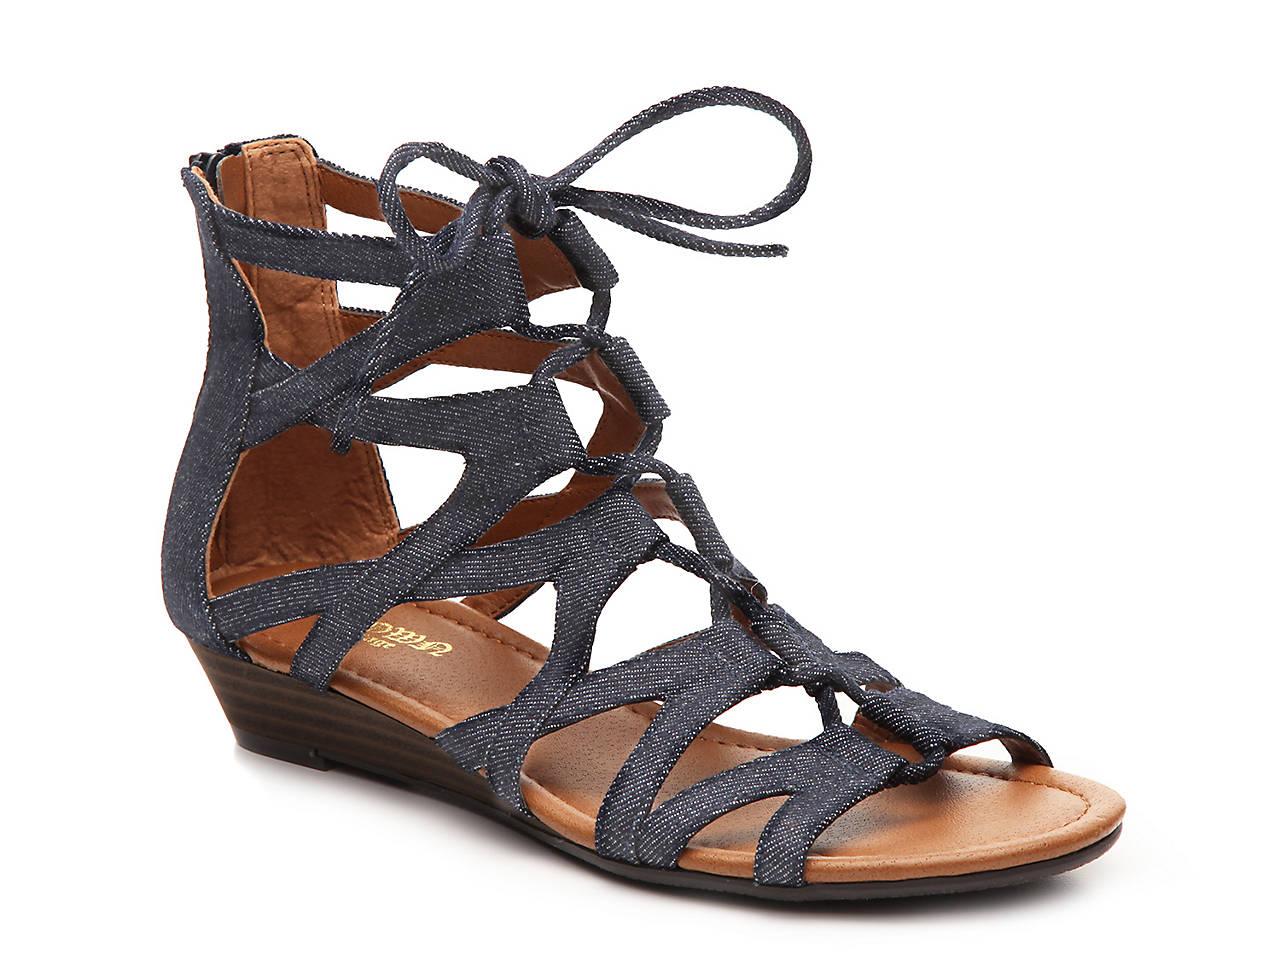 Black sandals at dsw - Black Sandals At Dsw 12